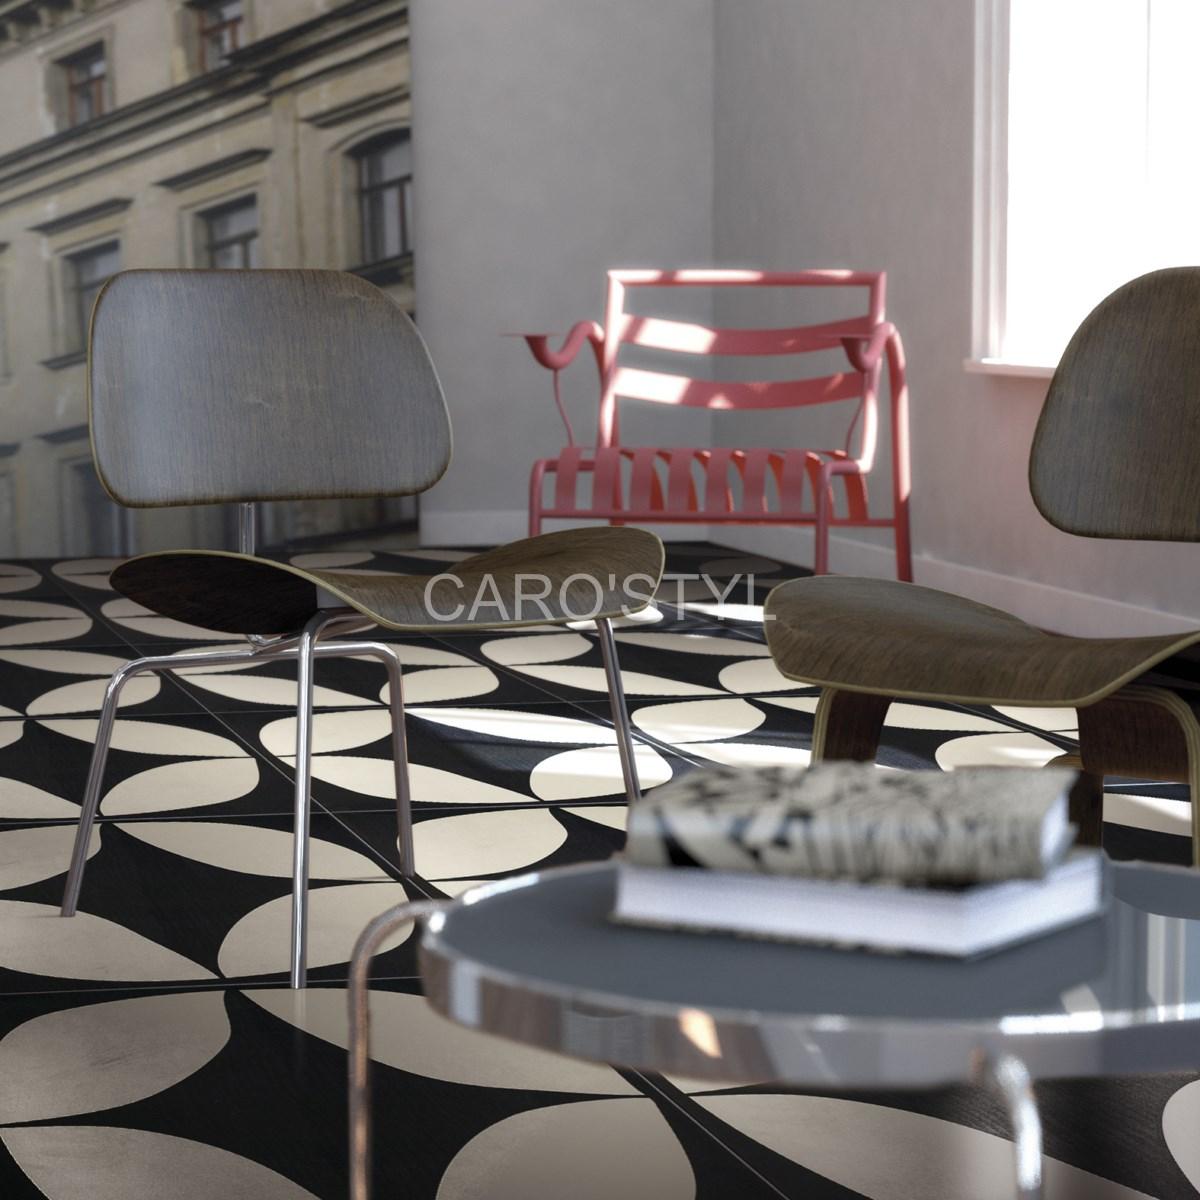 Carrelage Gres Cerame Imitation Ciment nouveau un carrelage stylé, imitation carreau de ciment pour